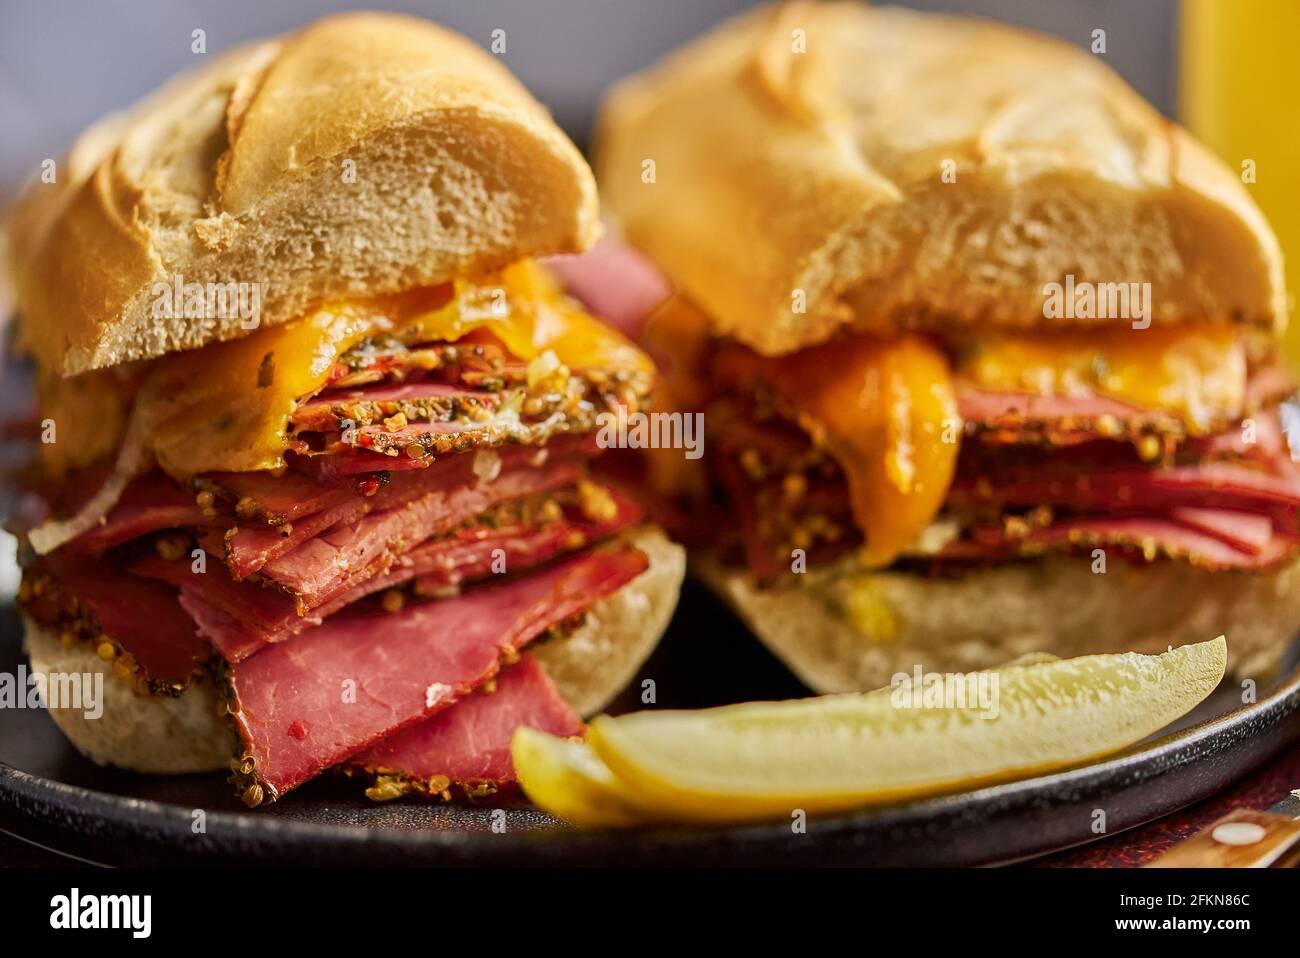 Délicieux sandwiches à la viande pastrami servis avec un verre de bière, des cornichons, des chips de pommes de terre et des accompagnements. Banque D'Images